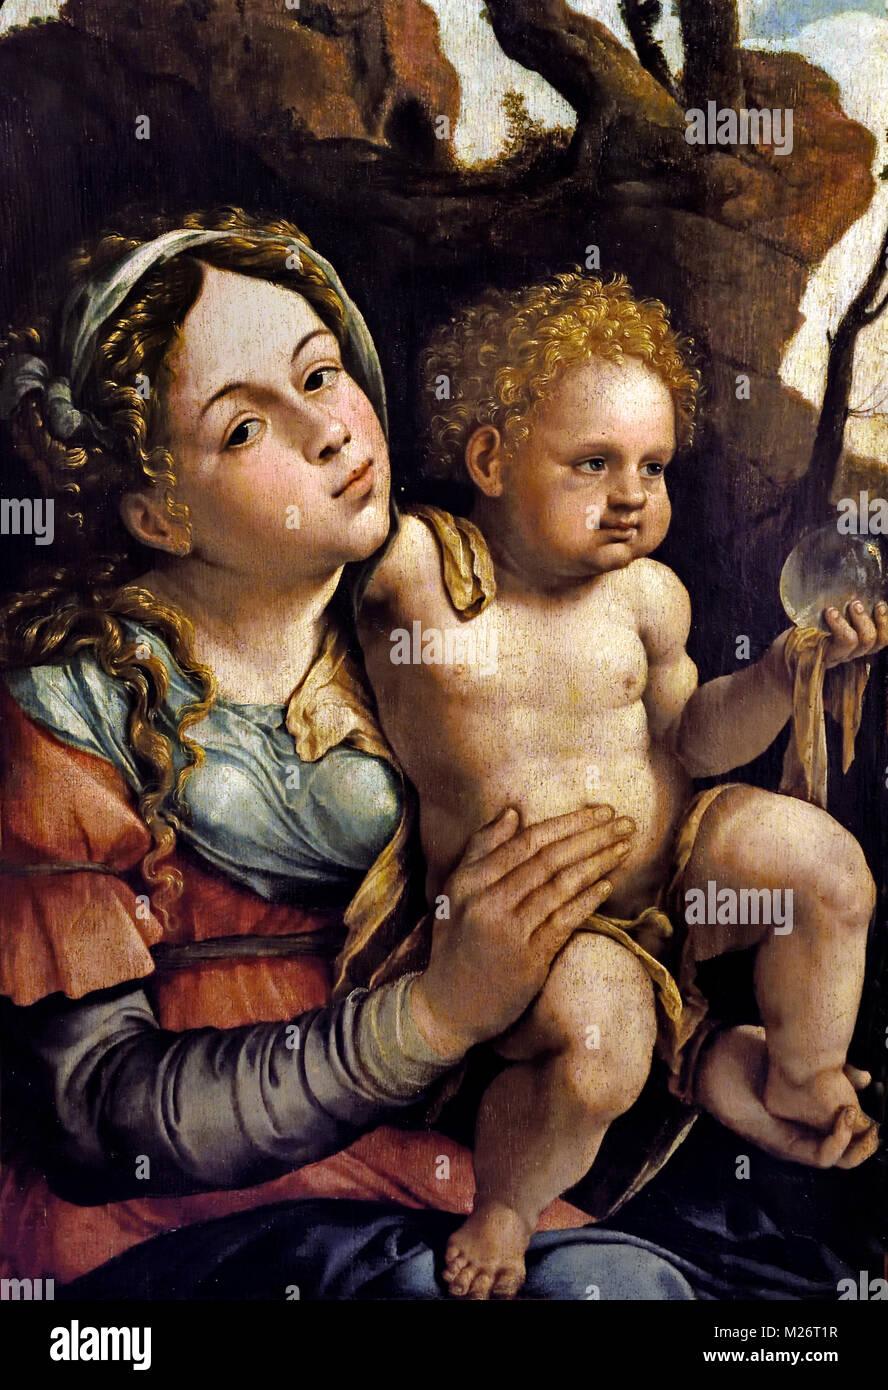 Jungfrau und Kind 1525 Jan Van Scorel (1495 - 1562) war ein niederländischer Maler, Die Niederlande Stockbild